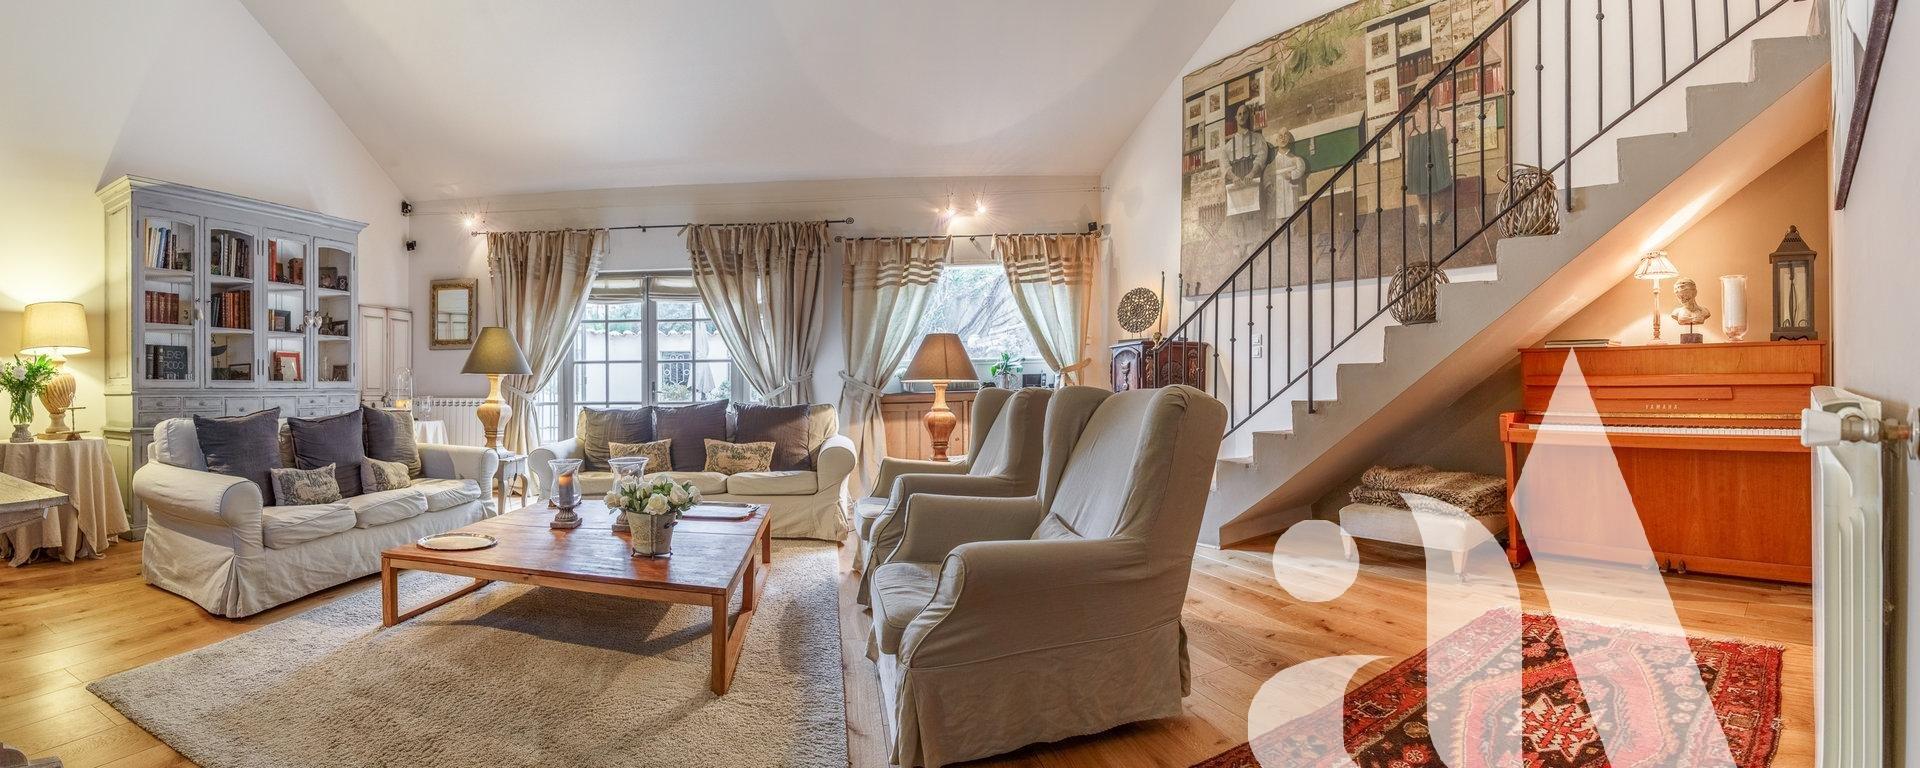 LAURE HOUSE - BOULBON - ALPILLES - 6 bedrooms - 10 people